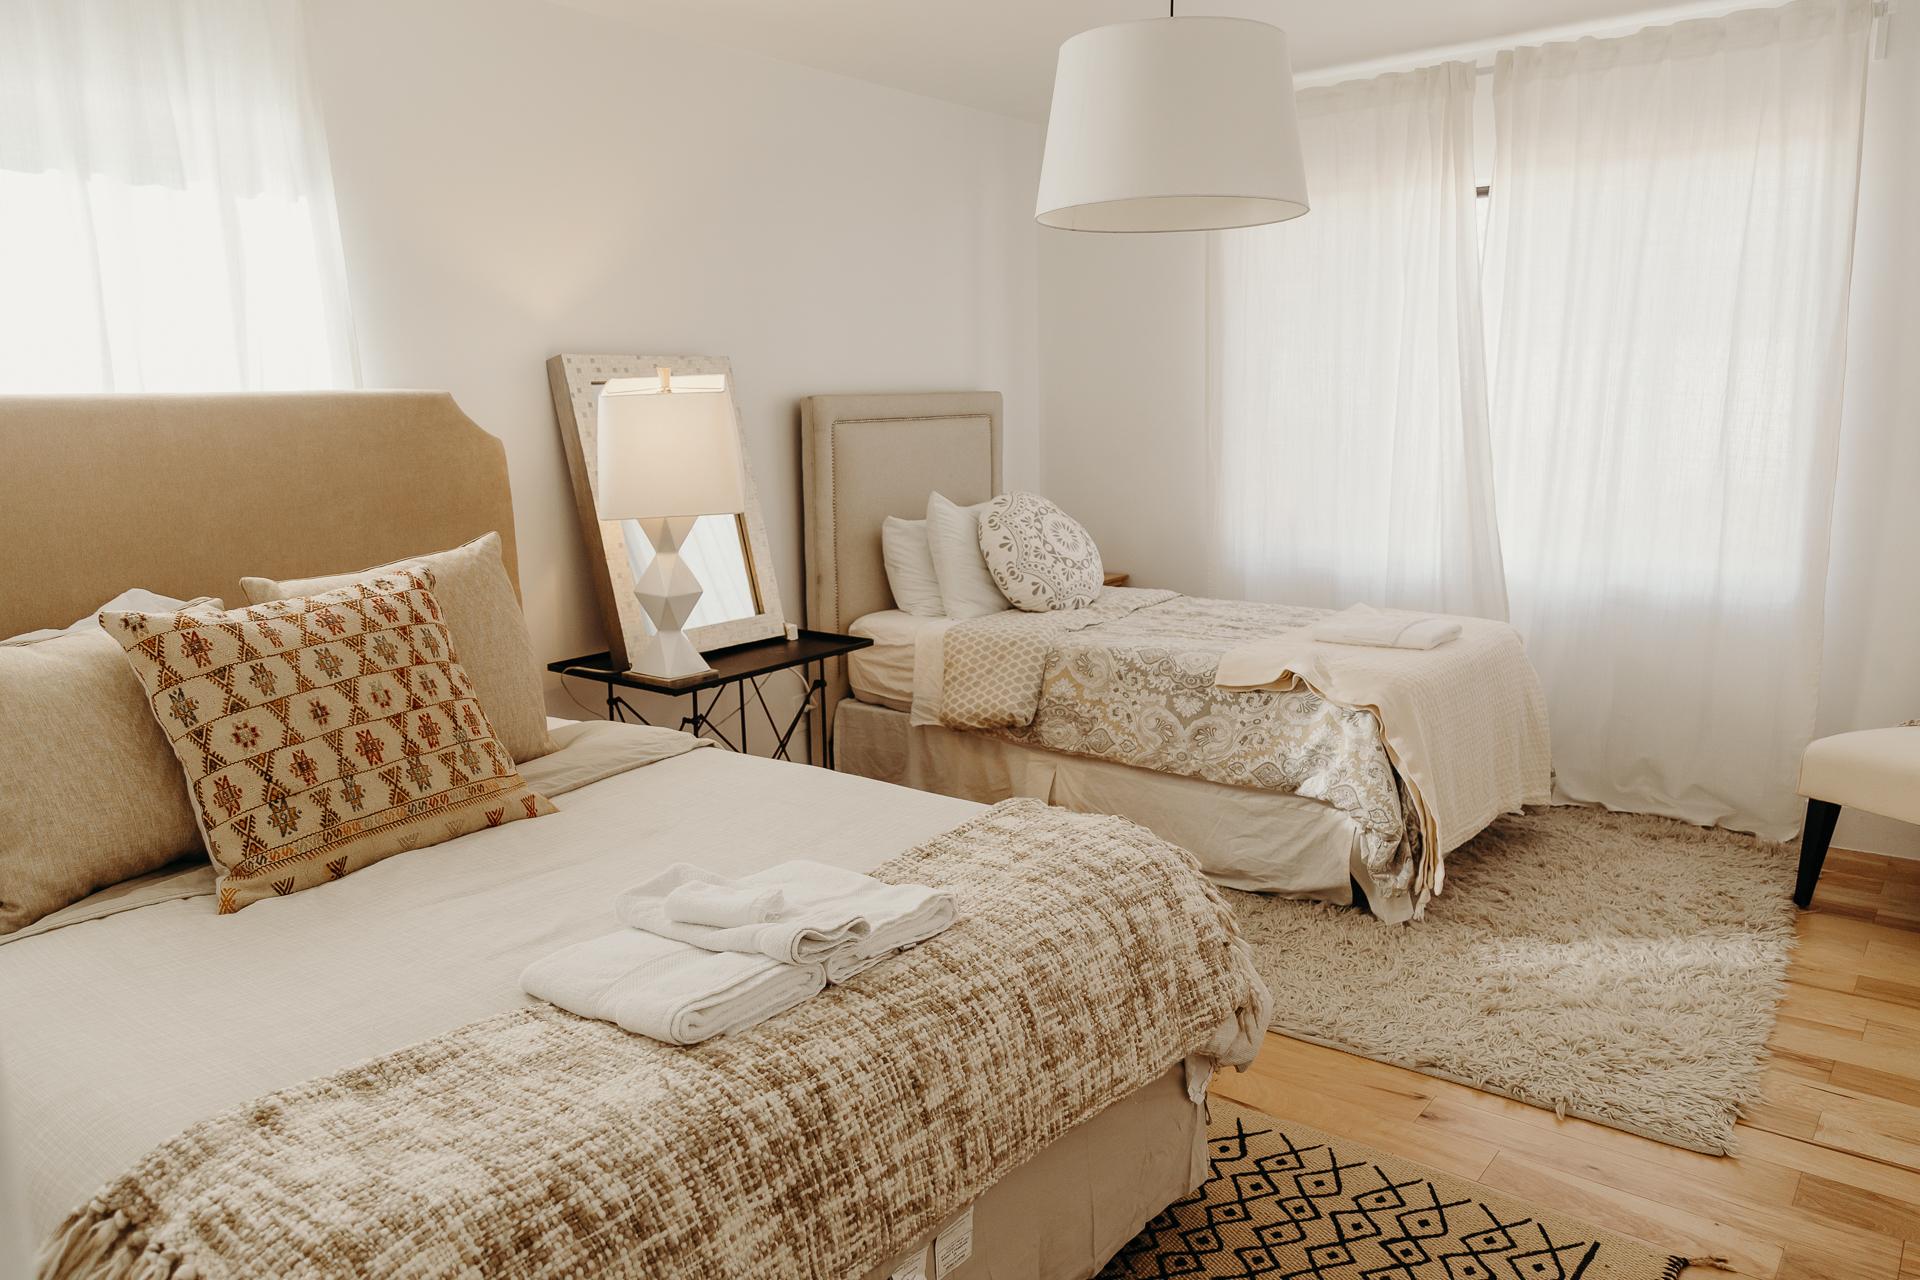 esparza-airbnb-1075.jpg